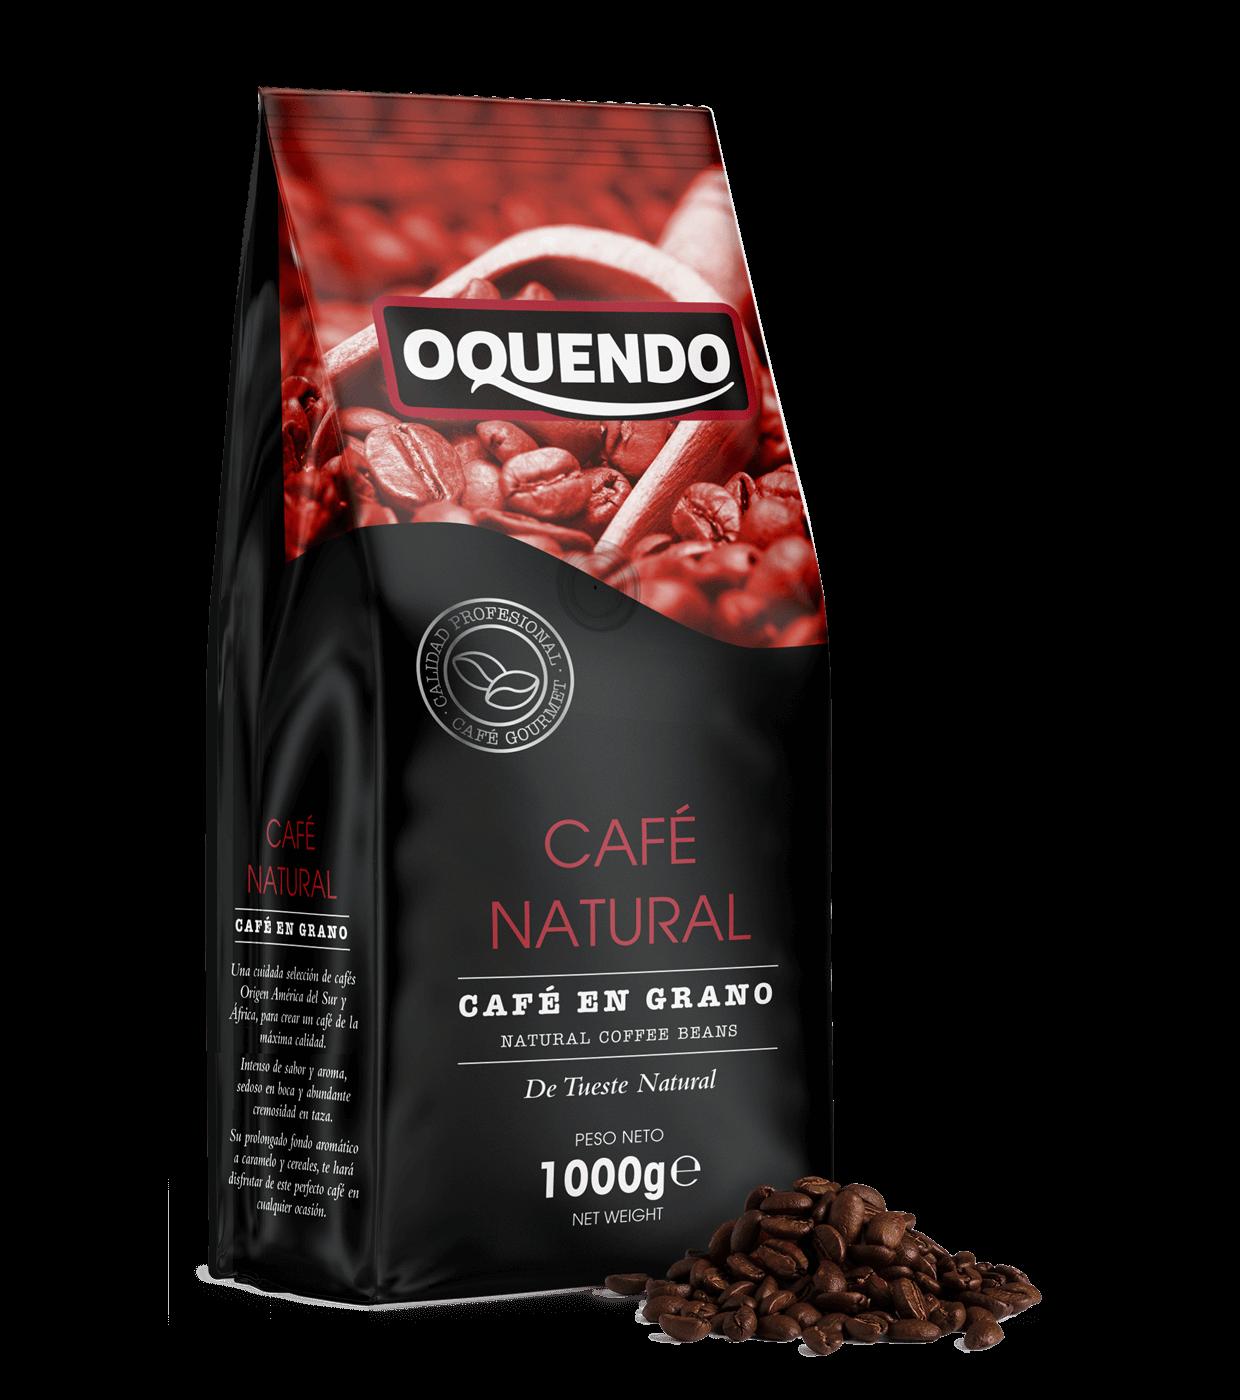 oquendo-55-grano-natural-1000